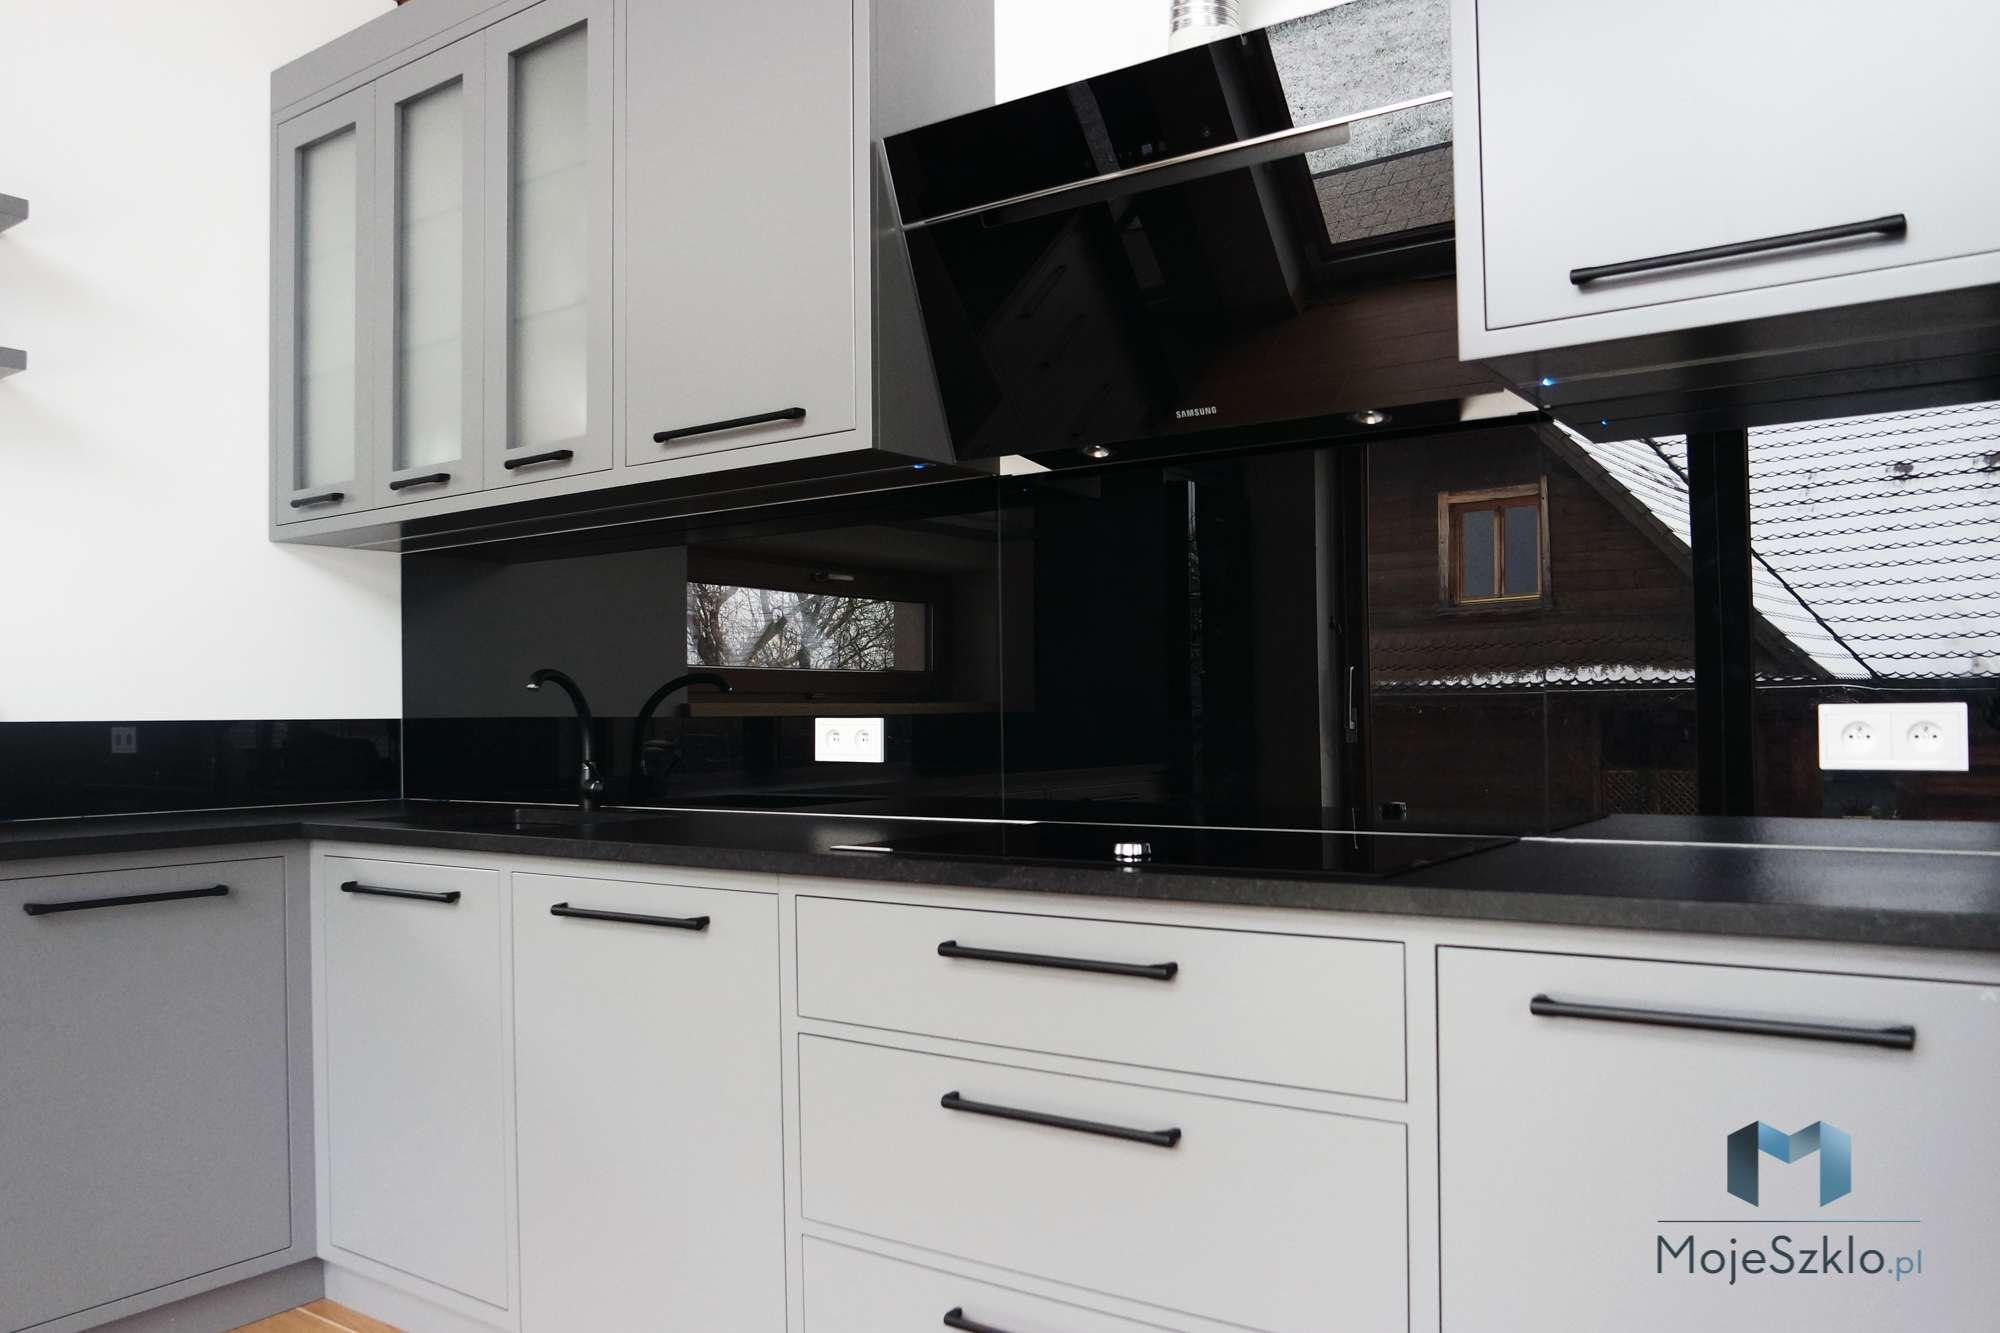 Lacobel Czarny Klasyczna Czern Wieliczka - Lacobel czarny - panele szklane jak lustro